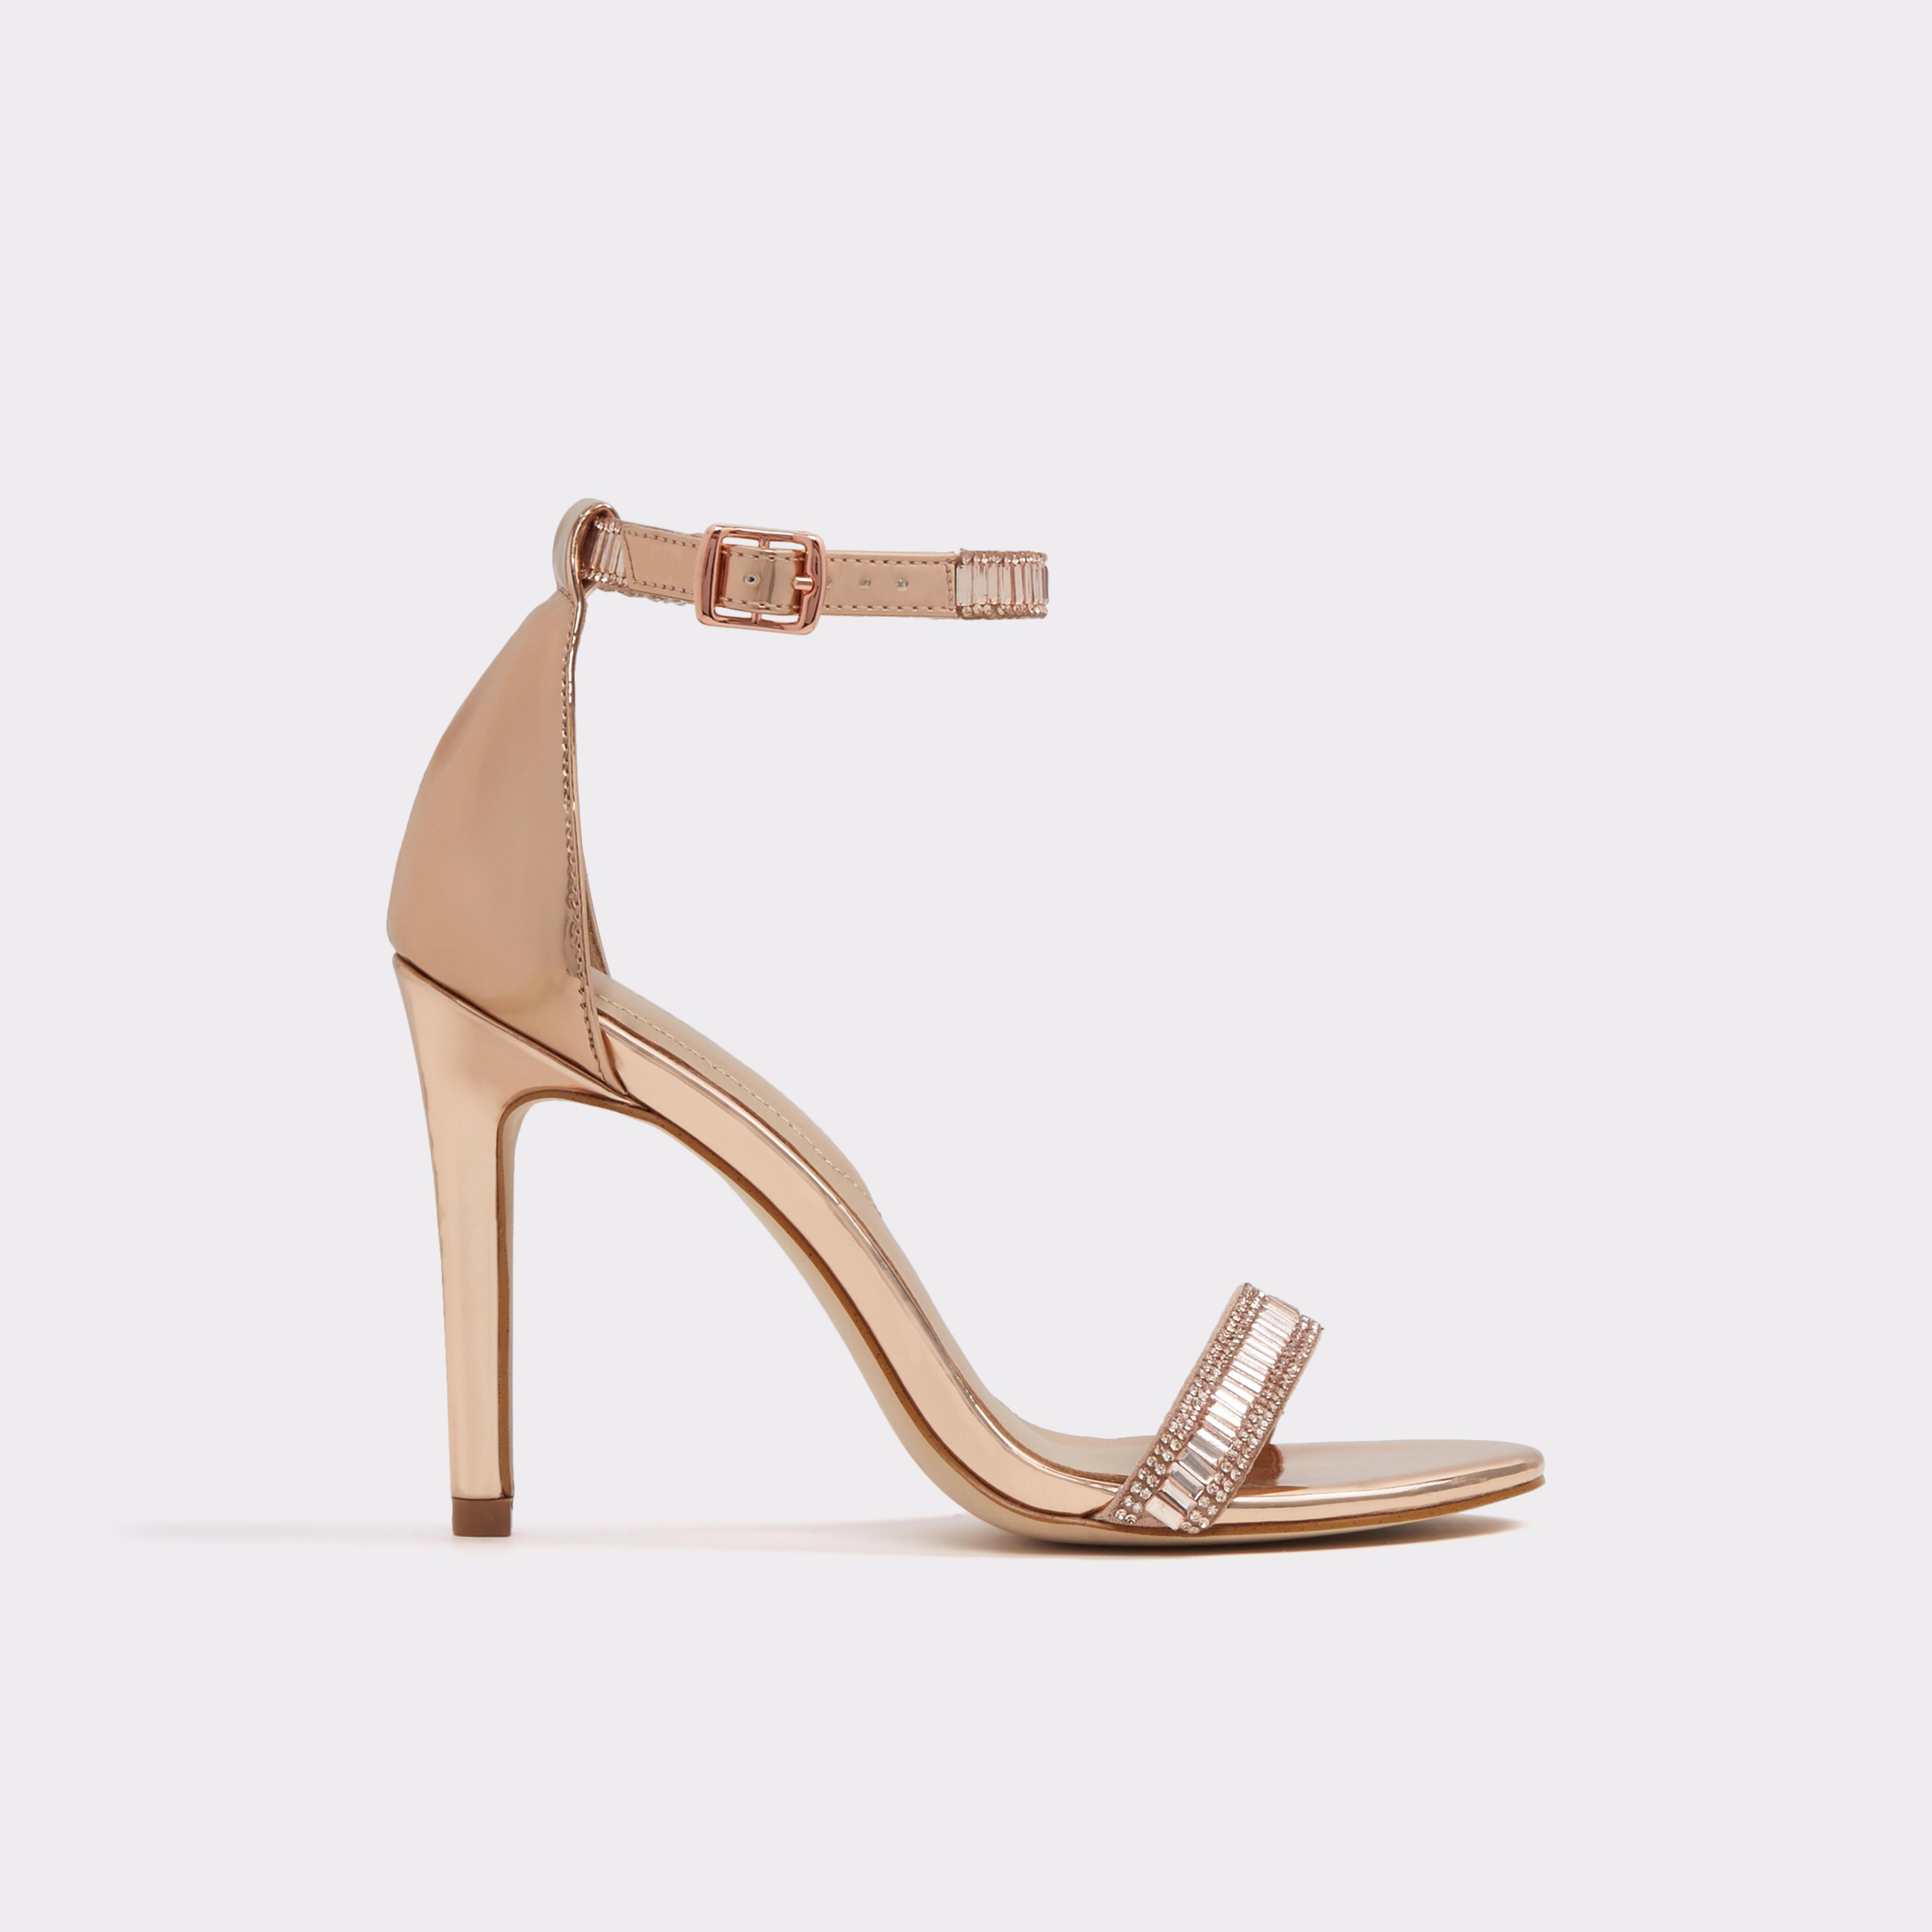 Bridal Shoes Aldo: Sevoredia_ Metallic Misc. Women's Open-toe Heels